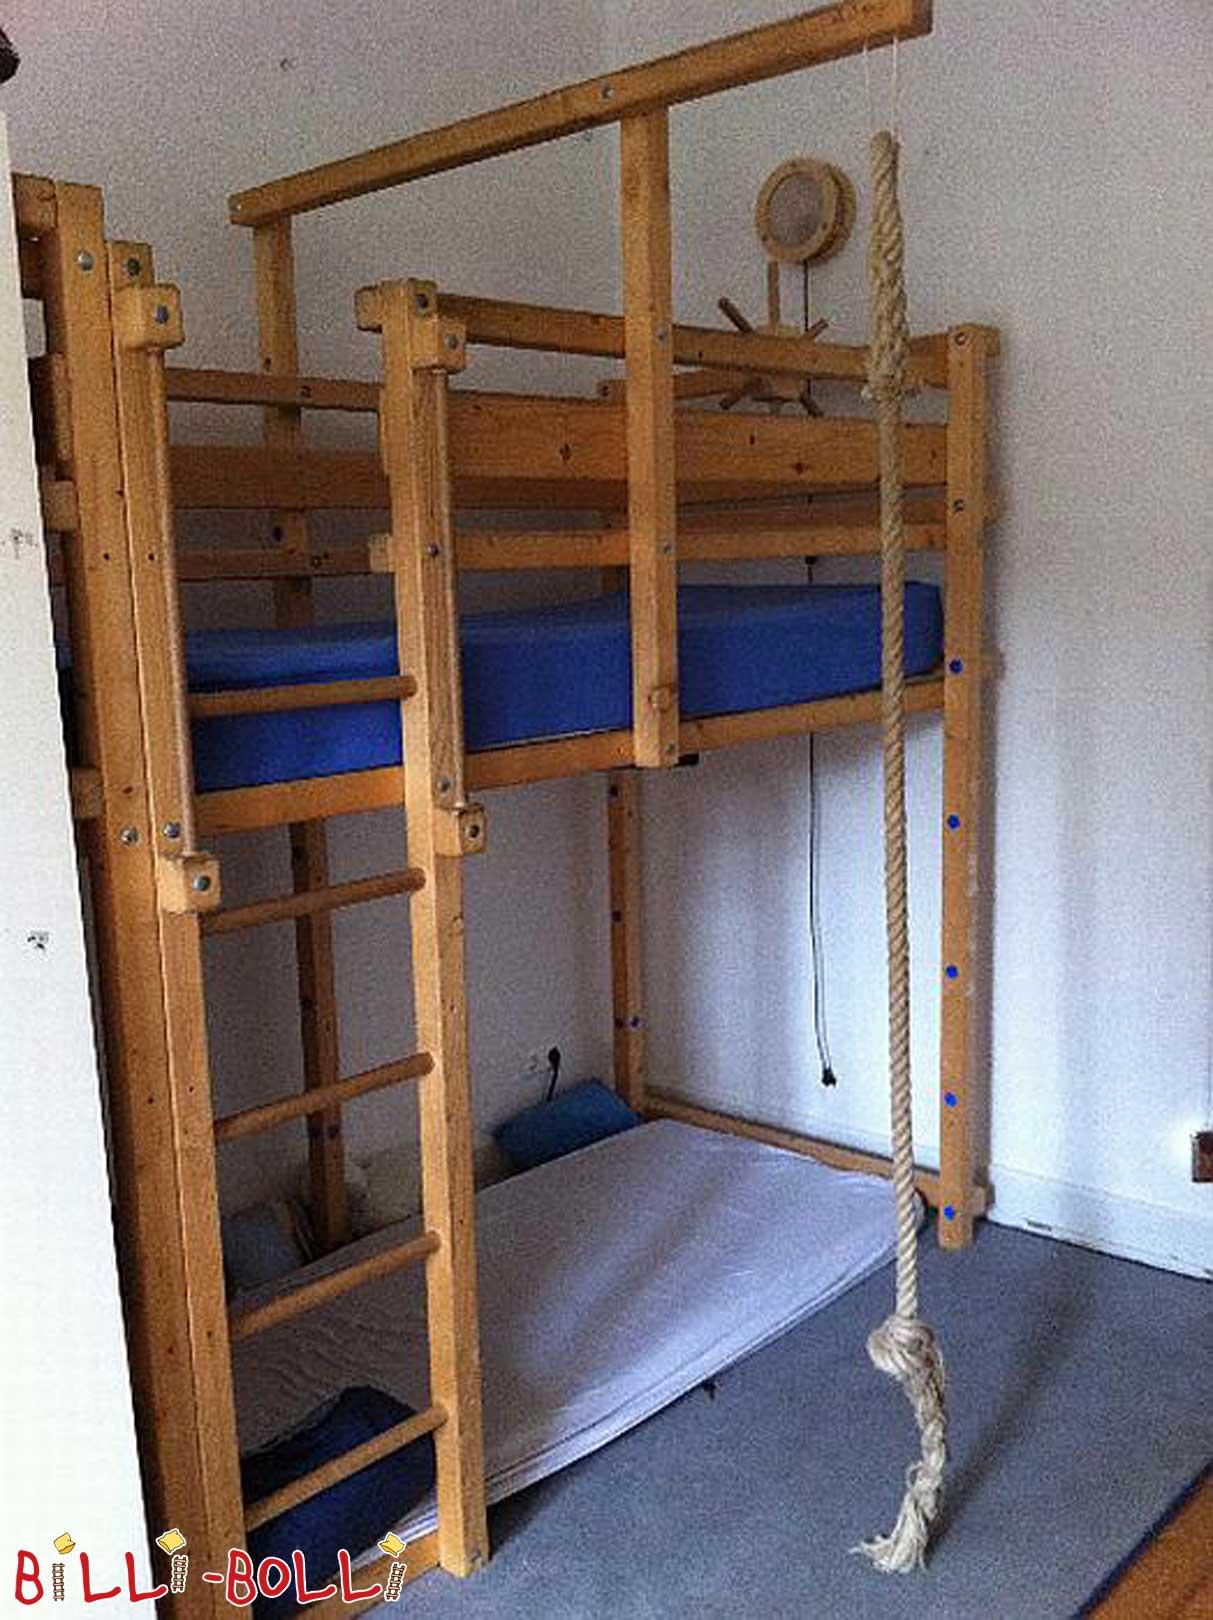 mitwachsenes hochbett billi bolli hochbett gebraucht. Black Bedroom Furniture Sets. Home Design Ideas